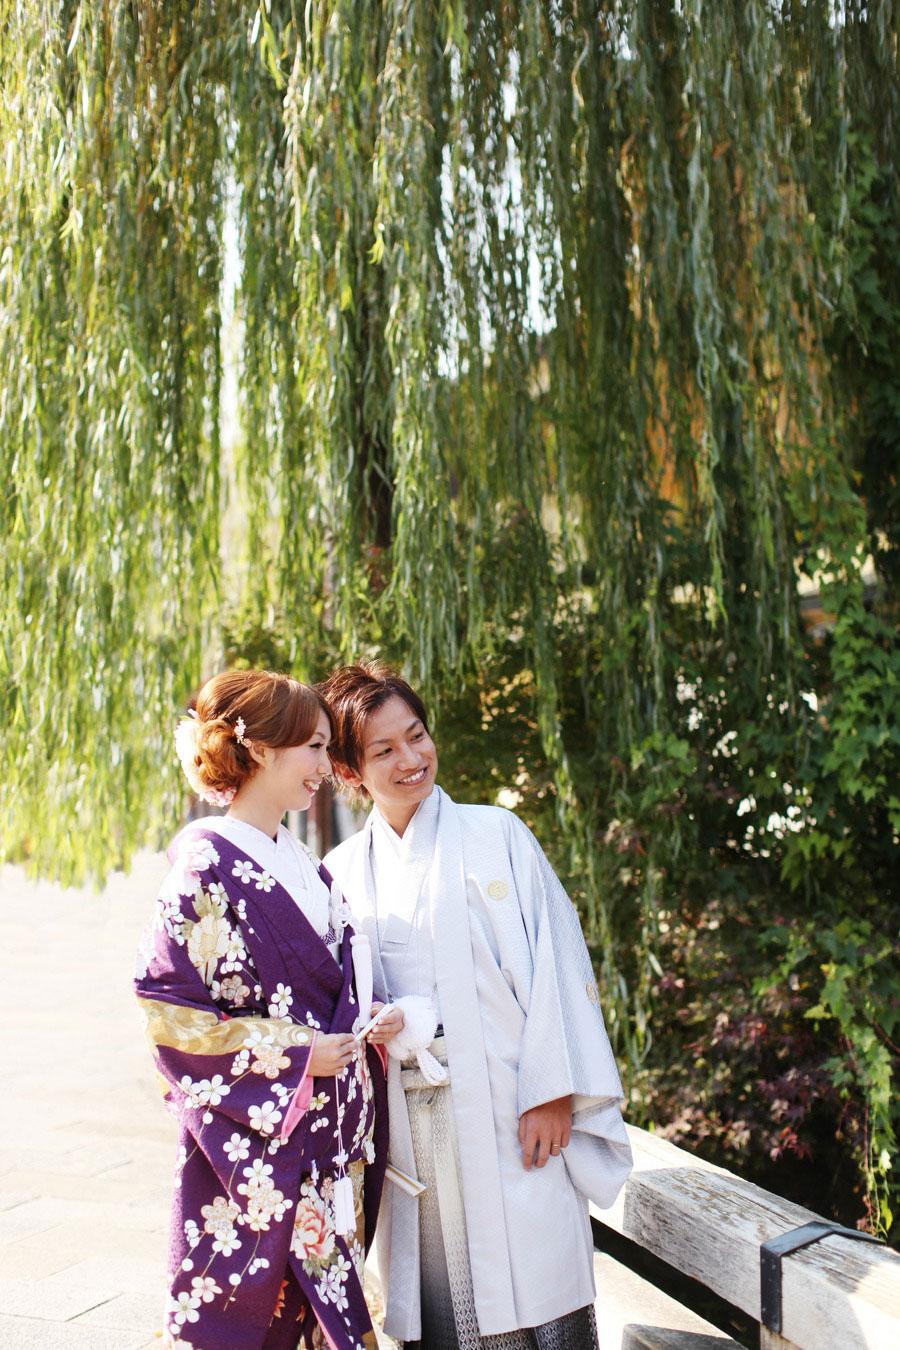 風情のある祇園でロケーション撮影【京都府京都市】